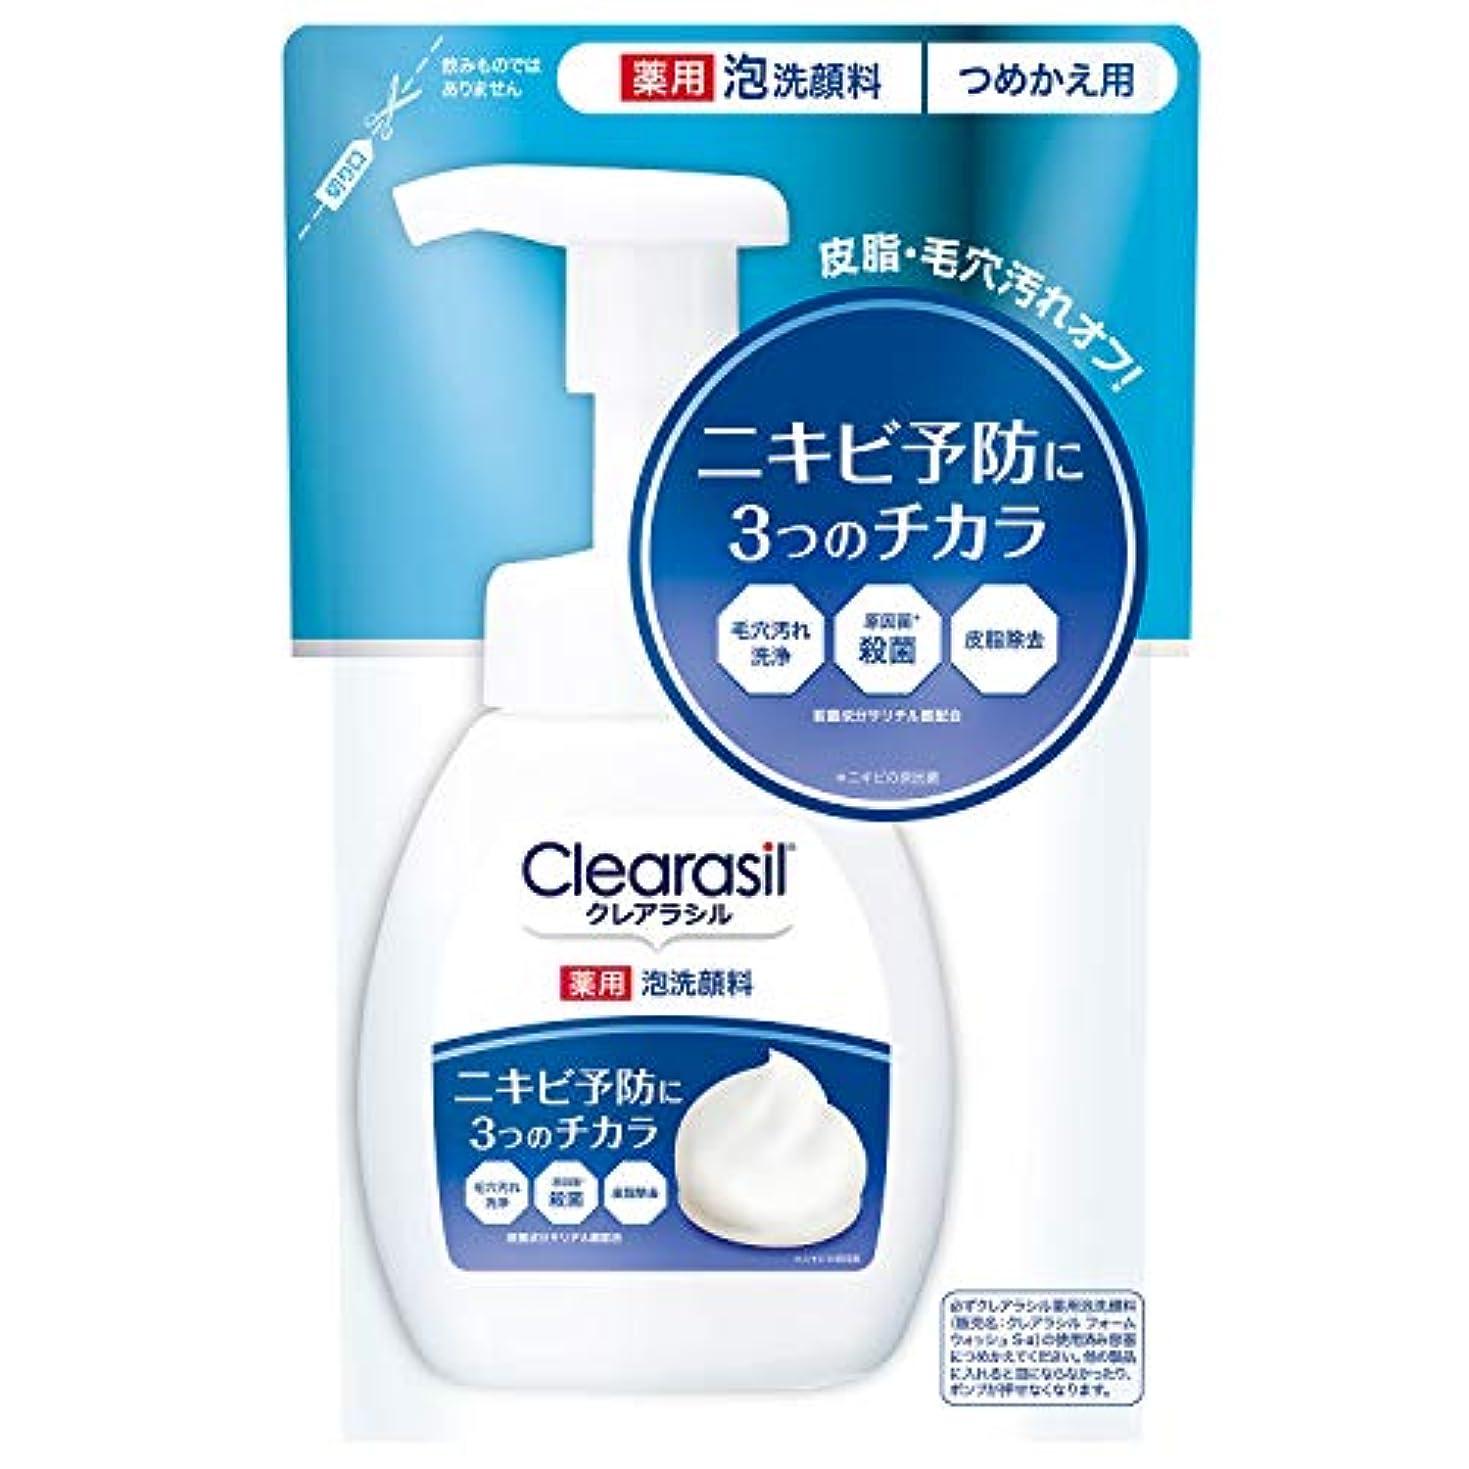 フレームワークなめらかな最大【医薬部外品】クレアラシル 薬用泡洗顔フォーム 180ml 詰替用